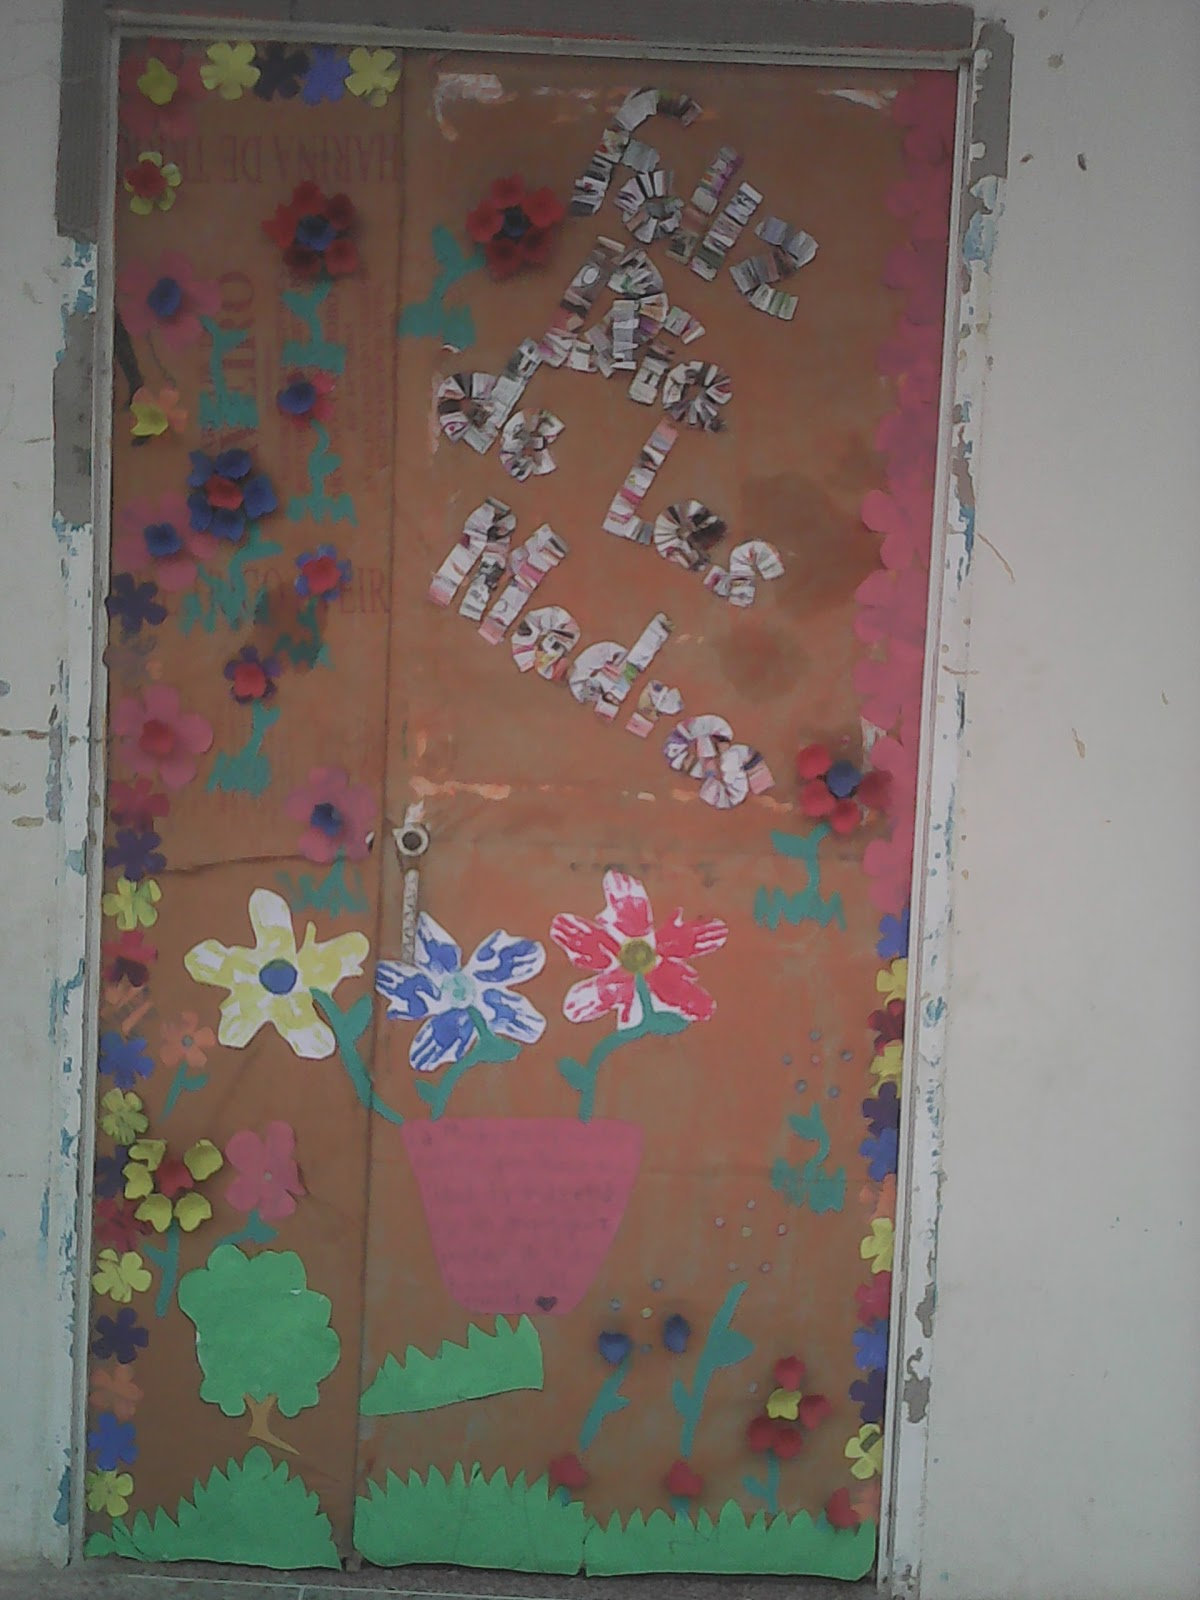 Cajitas de sue os puertas decoradas para el dia de las madres for Puertas decoradas para el dia del libro